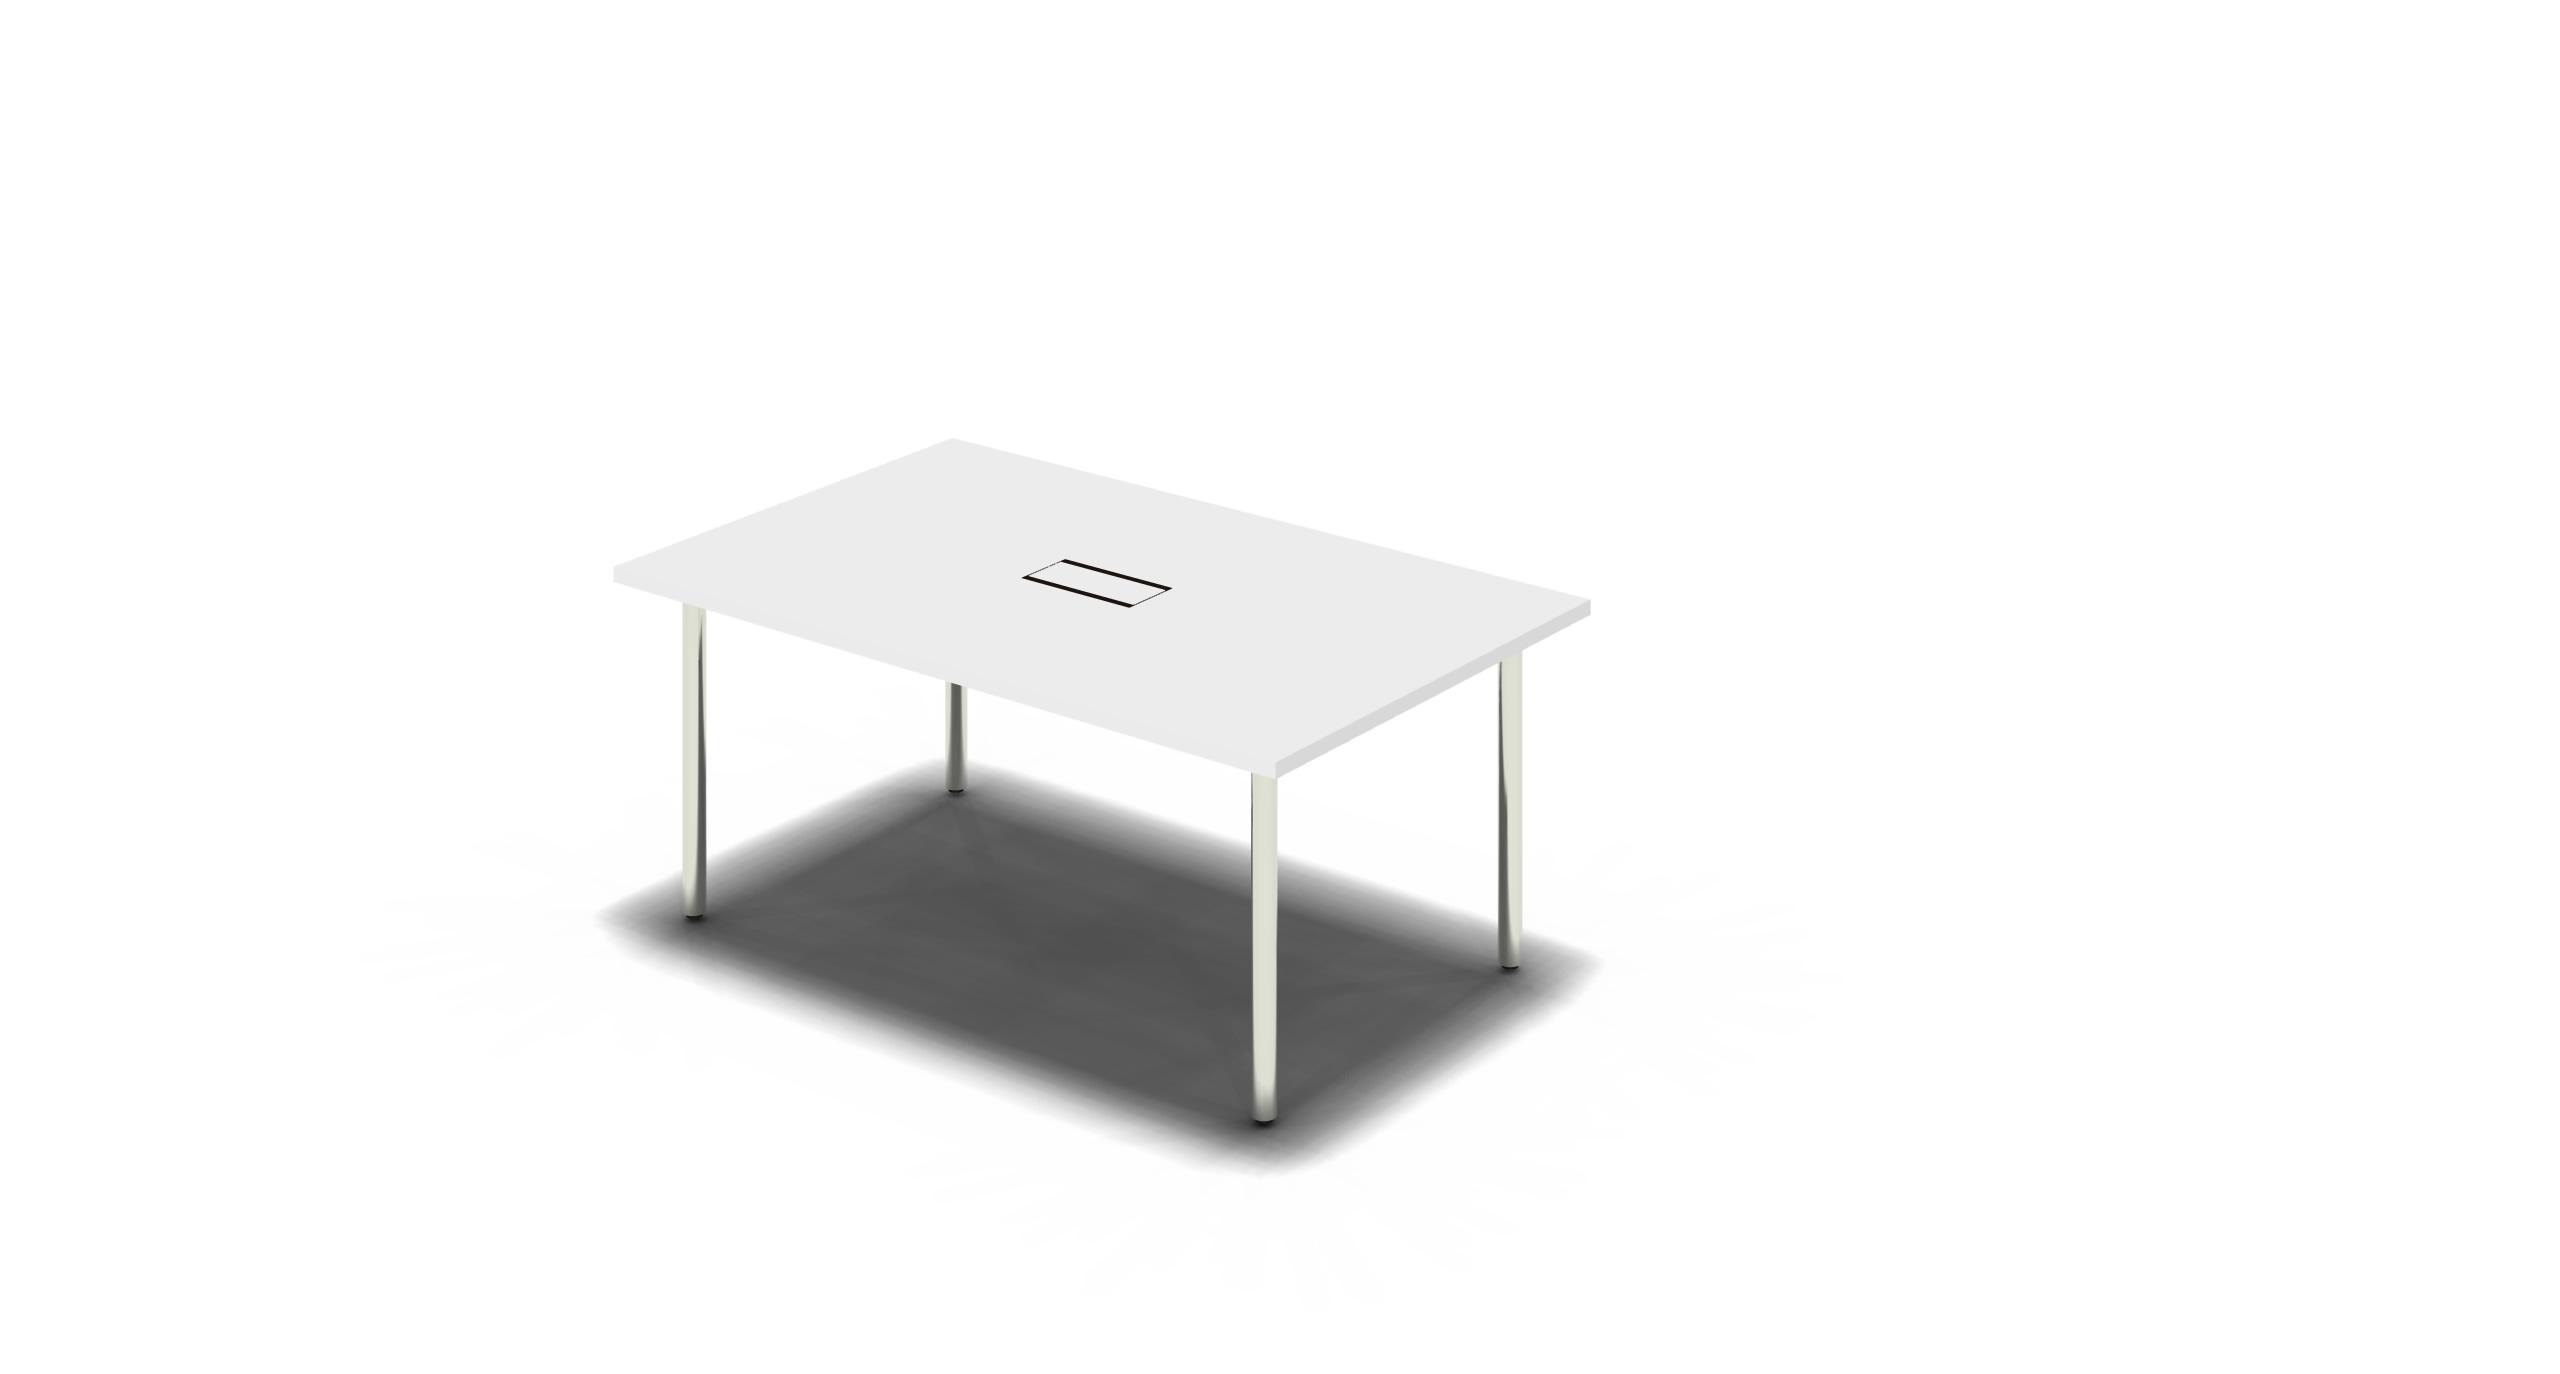 Table_Round_1500x900_Chrome_White_withOption